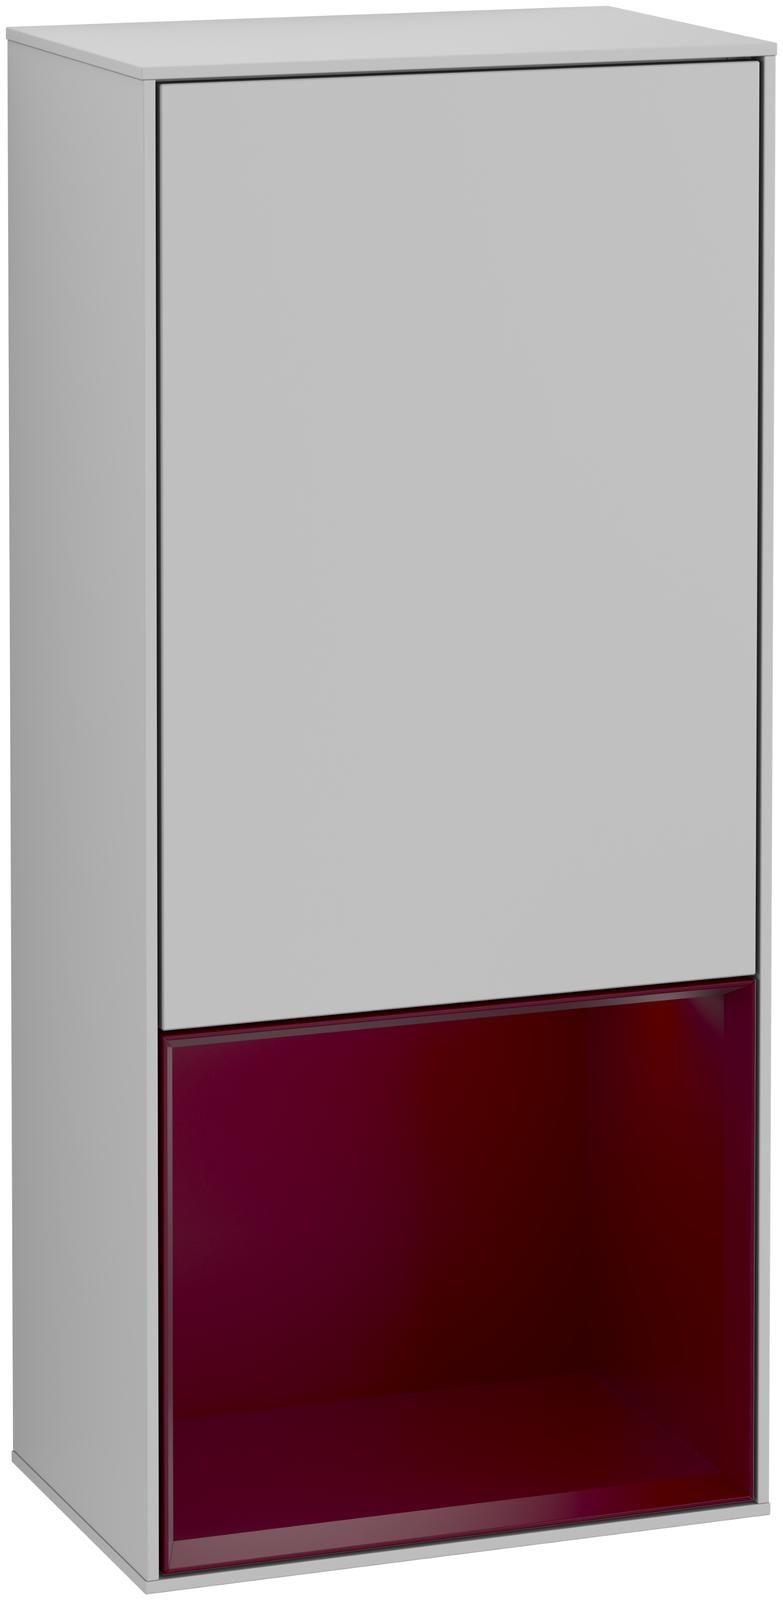 Villeroy & Boch Finion G54 Seitenschrank mit Regalelement 1 Tür Anschlag links LED-Beleuchtung B:41,8xH:93,6xT:27cm Front, Korpus: Light Grey Matt, Regal: Peony G540HBGJ